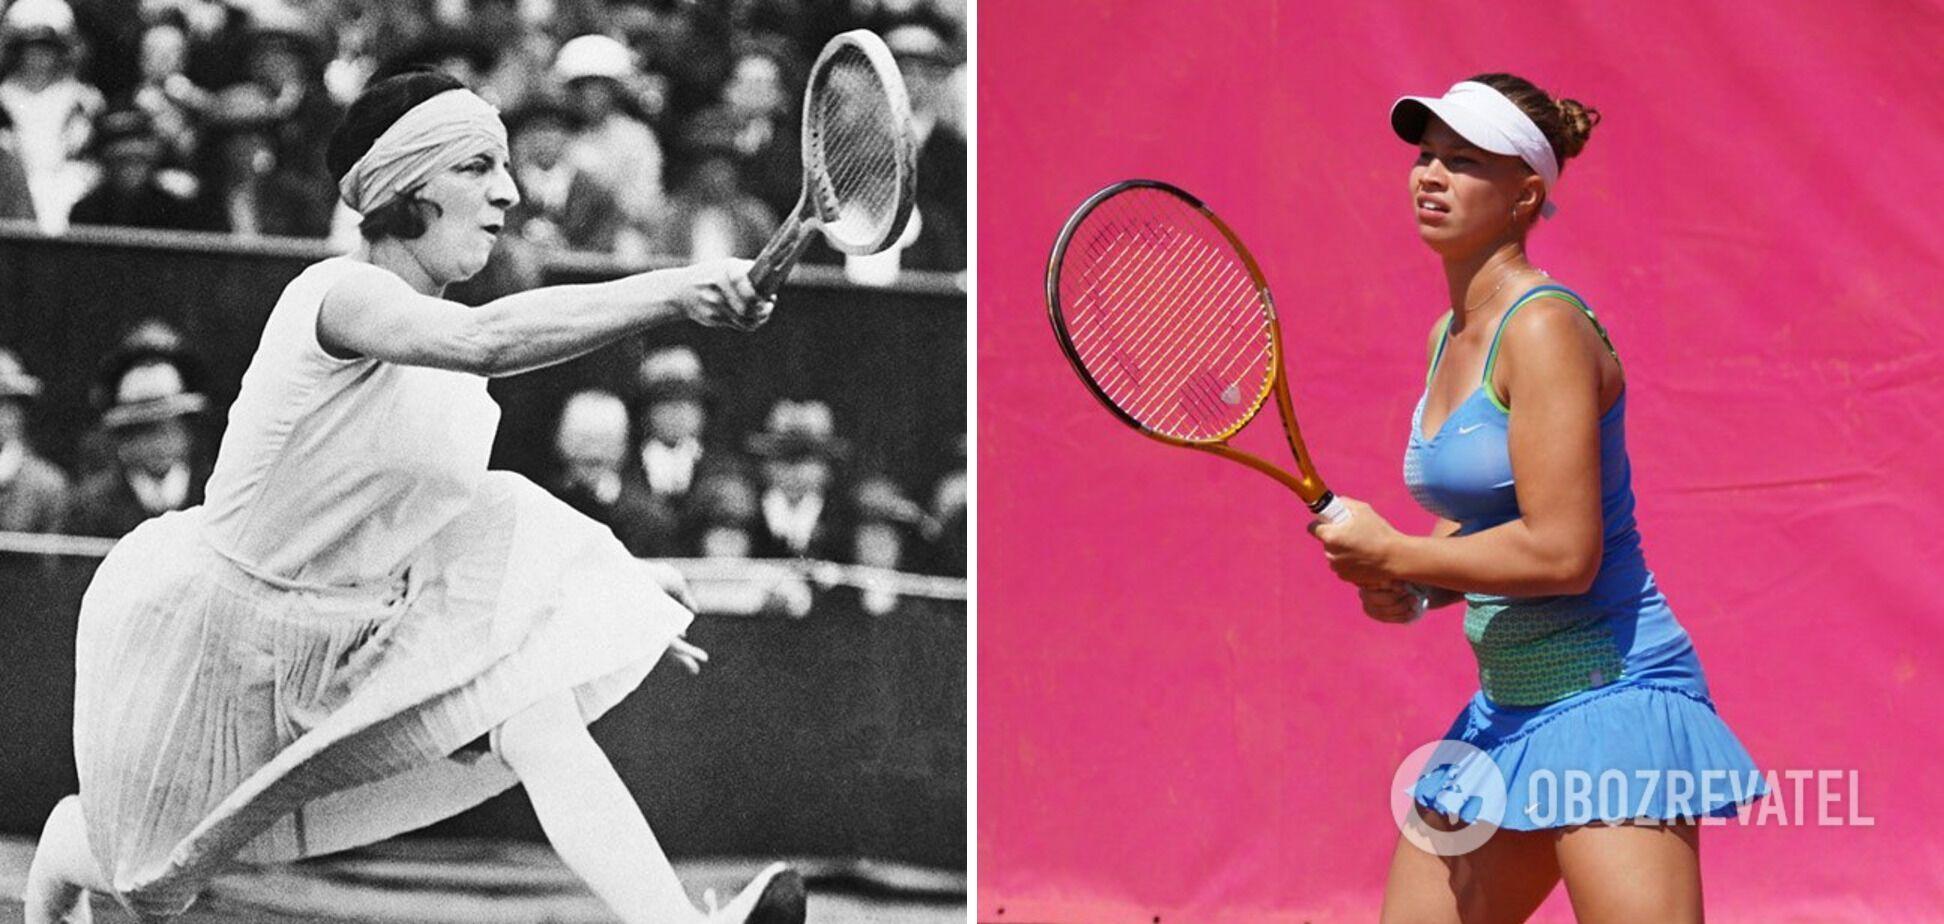 Костюм теннисисток 100 лет назад и сейчас.